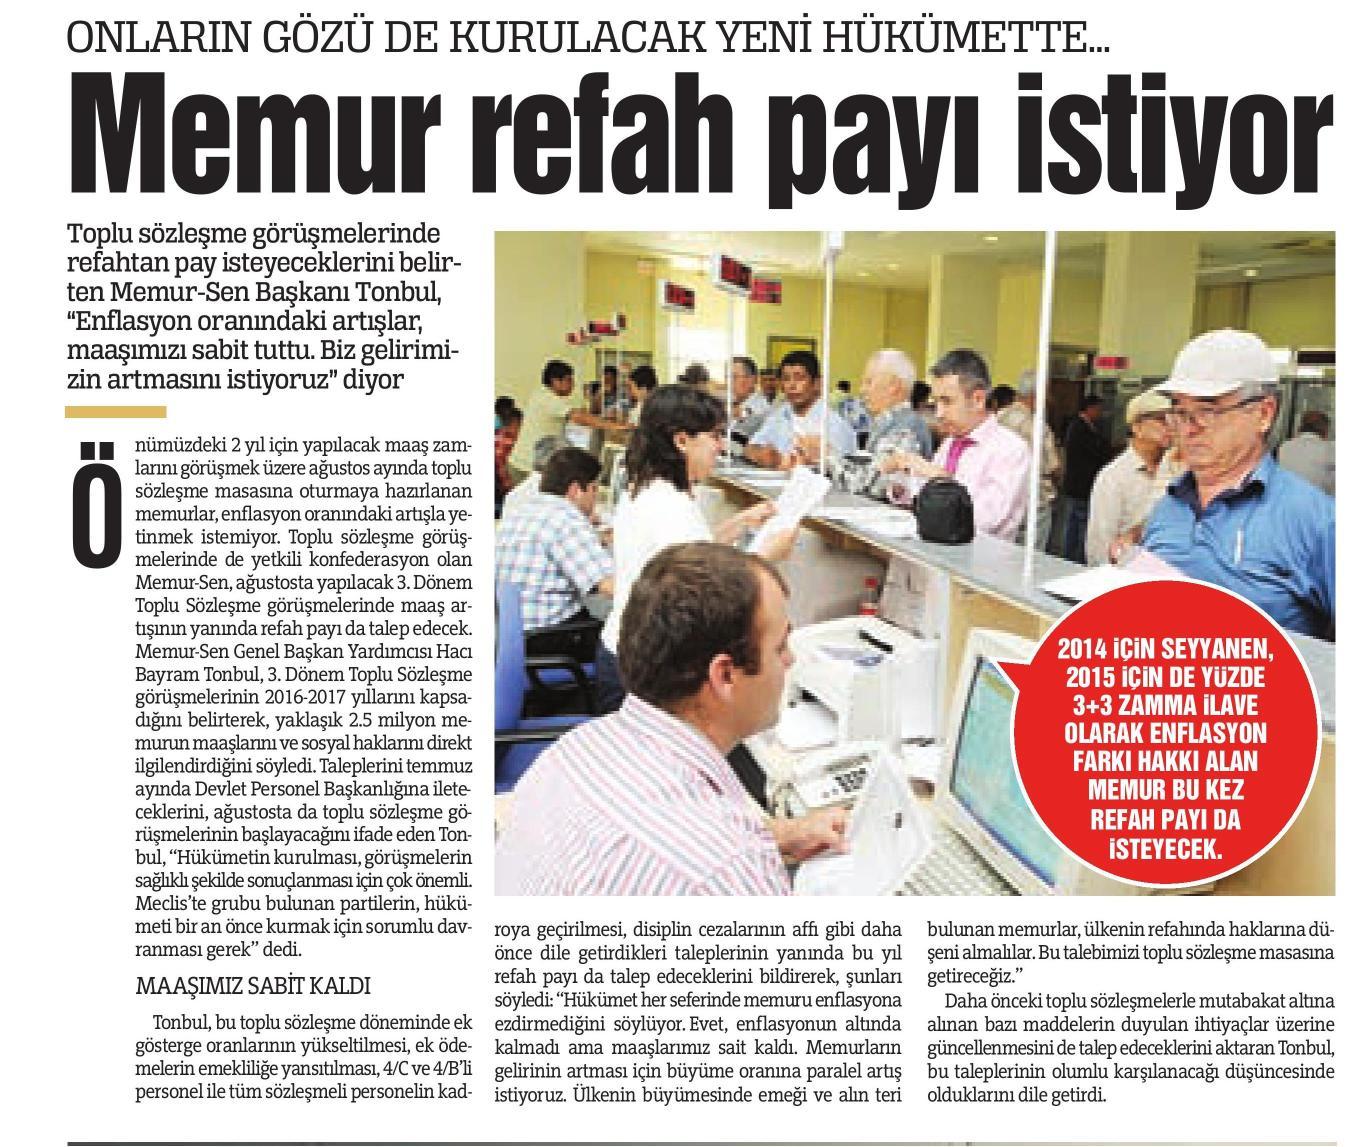 Malum Sen'e Göre Memur Maaşı Enflasyonun Altında Kalmamış